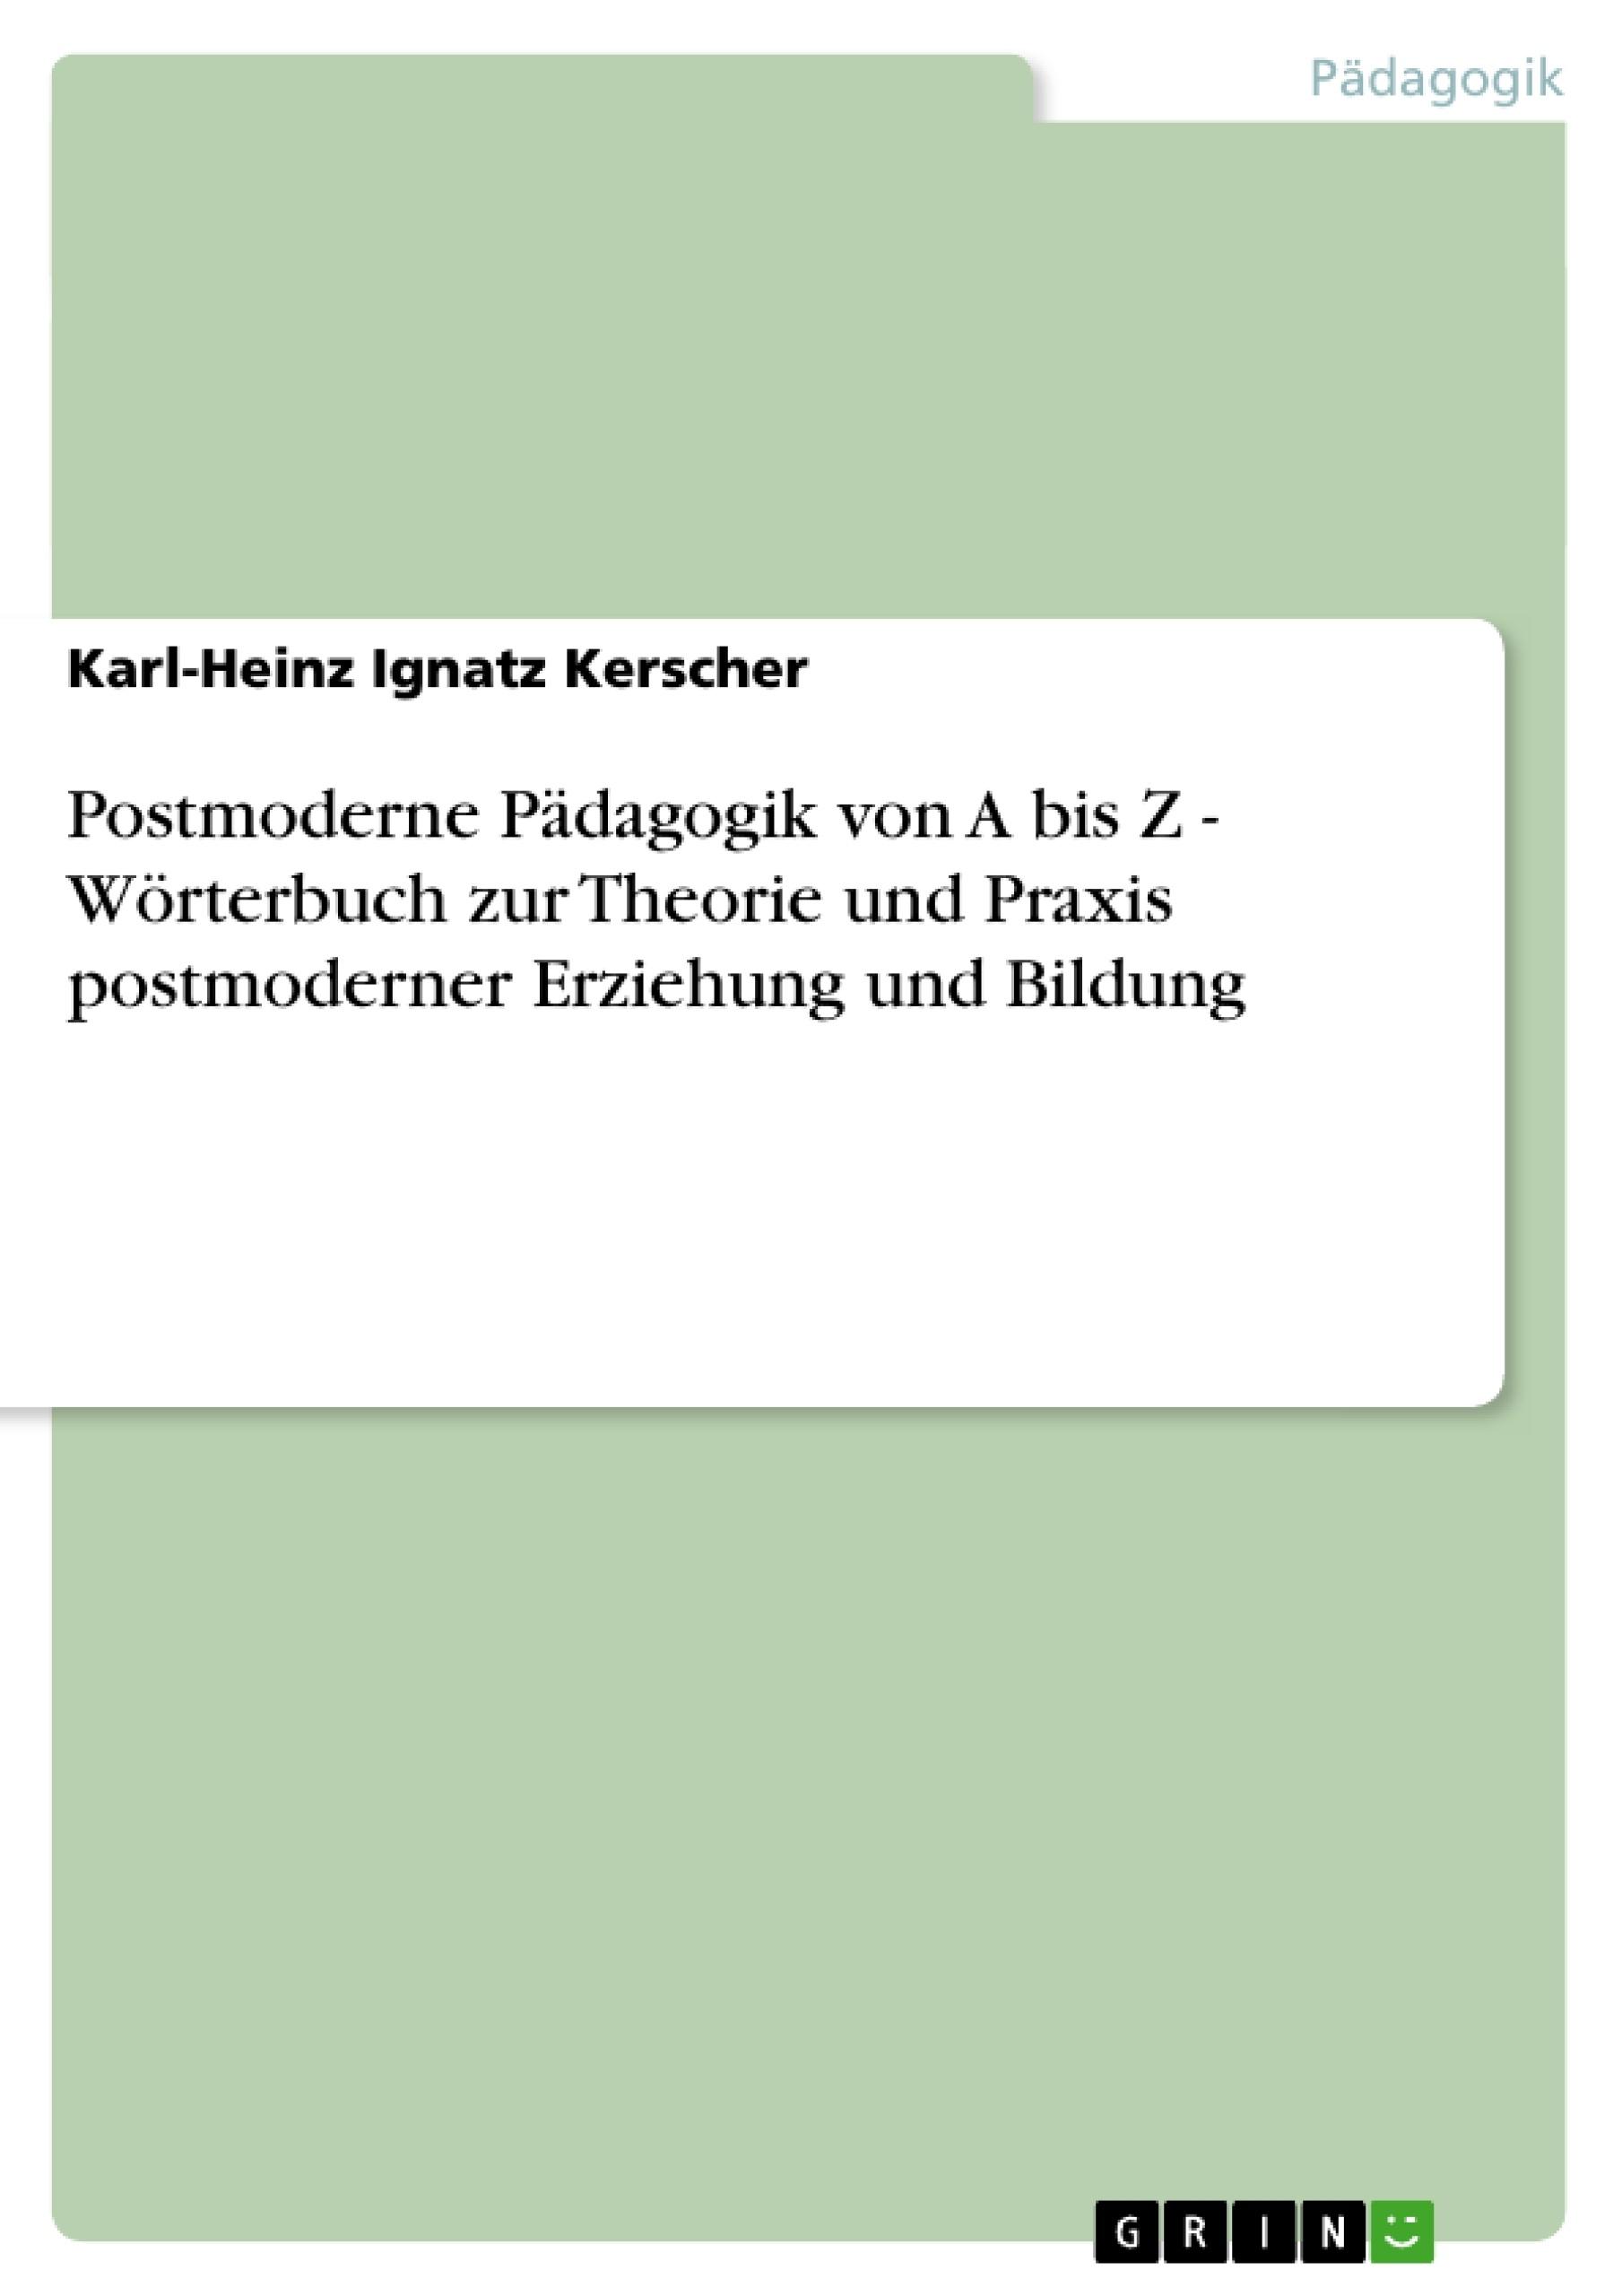 Titel: Postmoderne Pädagogik von A bis Z - Wörterbuch zur Theorie und Praxis postmoderner Erziehung und Bildung